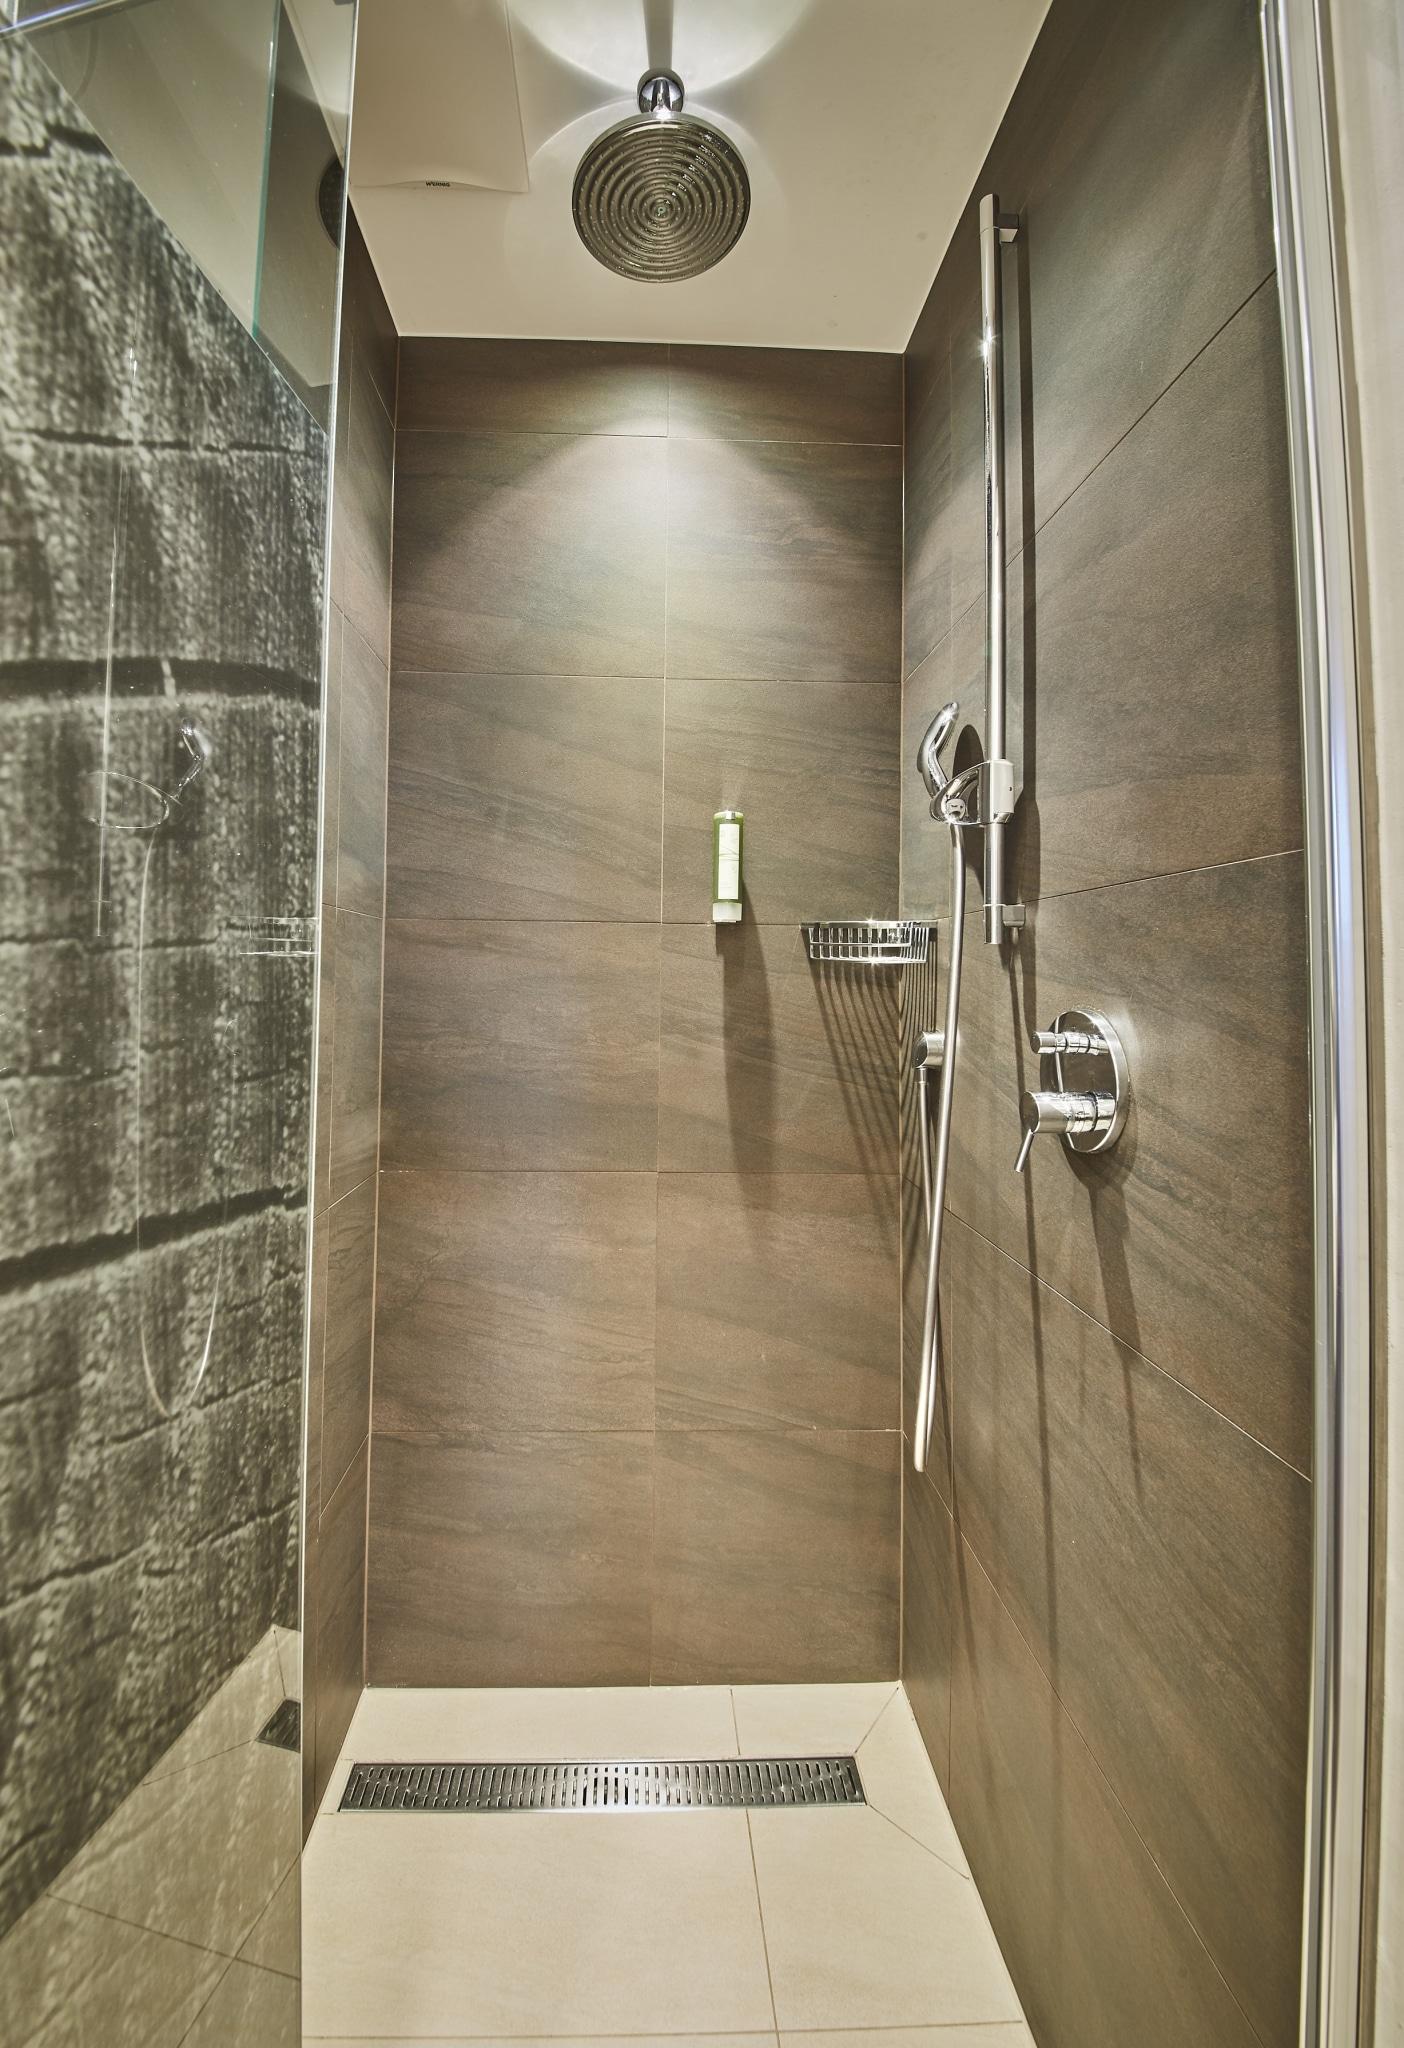 Eine Dusche mit Regenwaldduschkopf